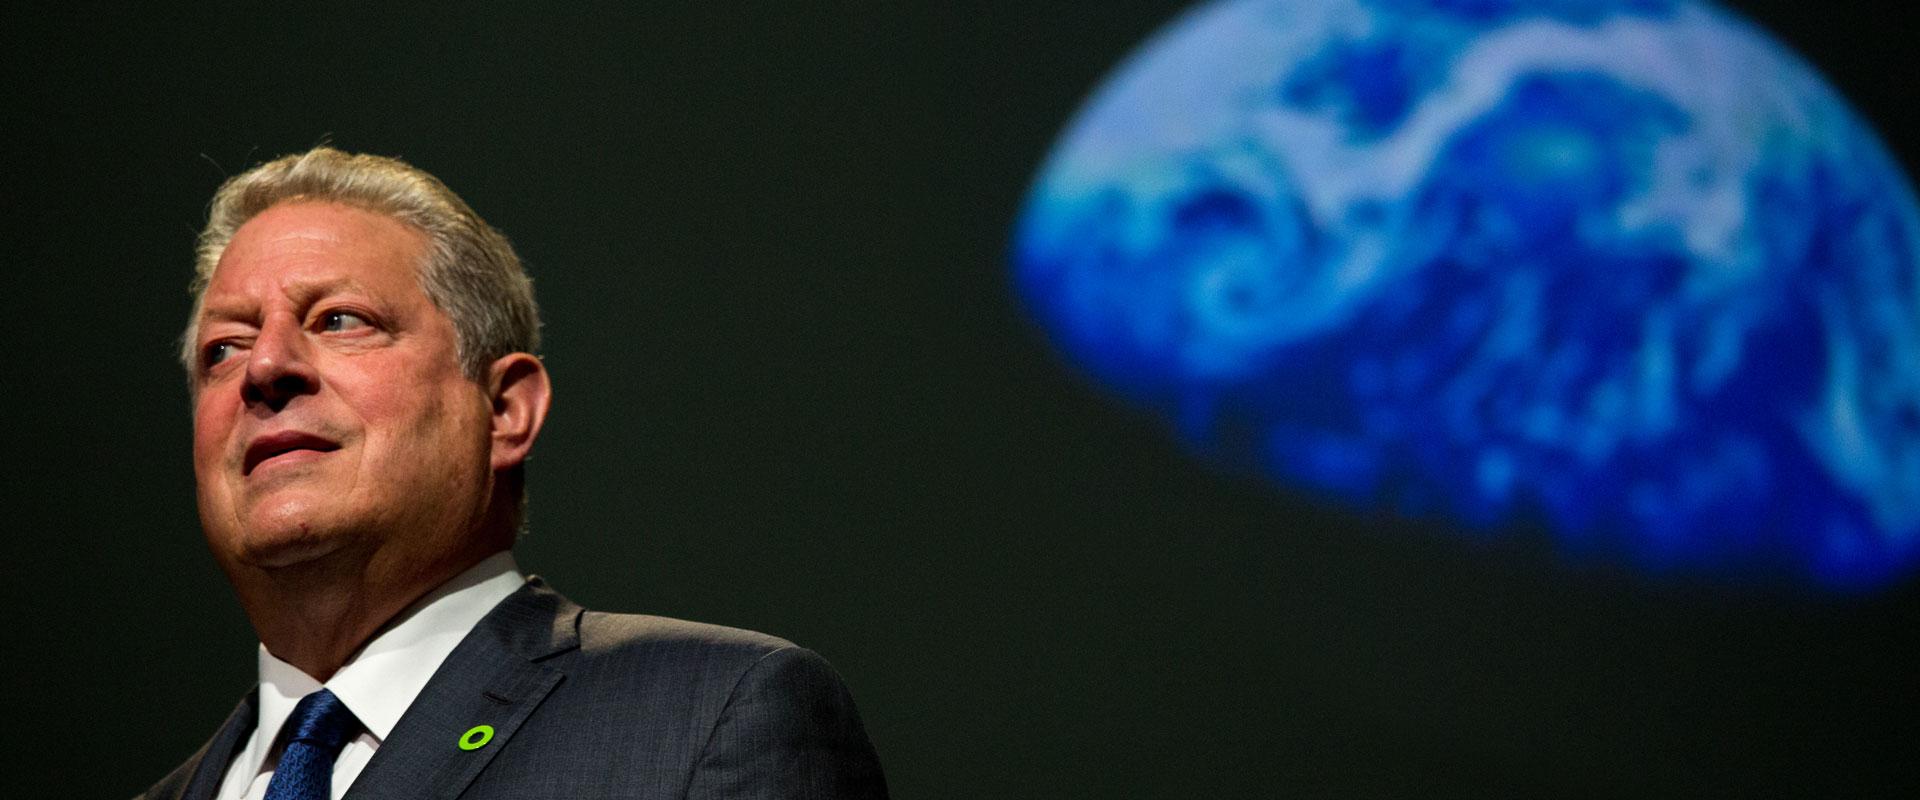 Al Gore - Immer noch eine unbequeme Wahrheit